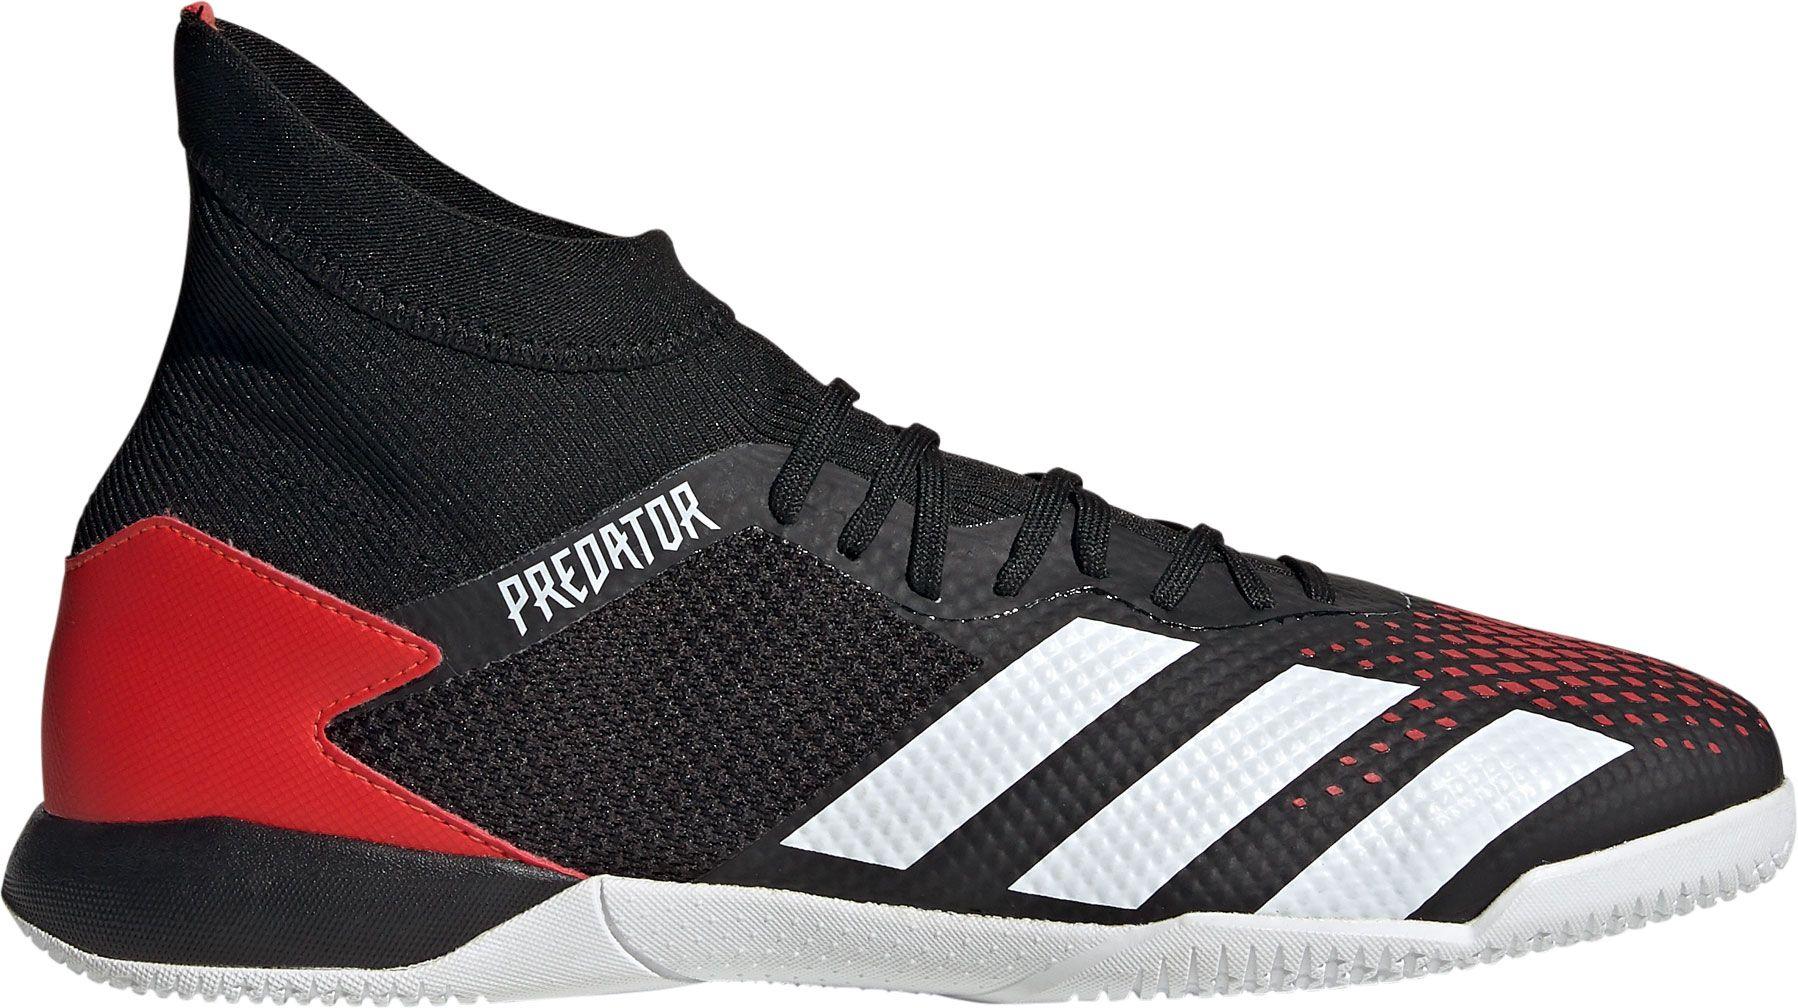 adidas indoor soccer shoes - 59% descuento - bosca.ec